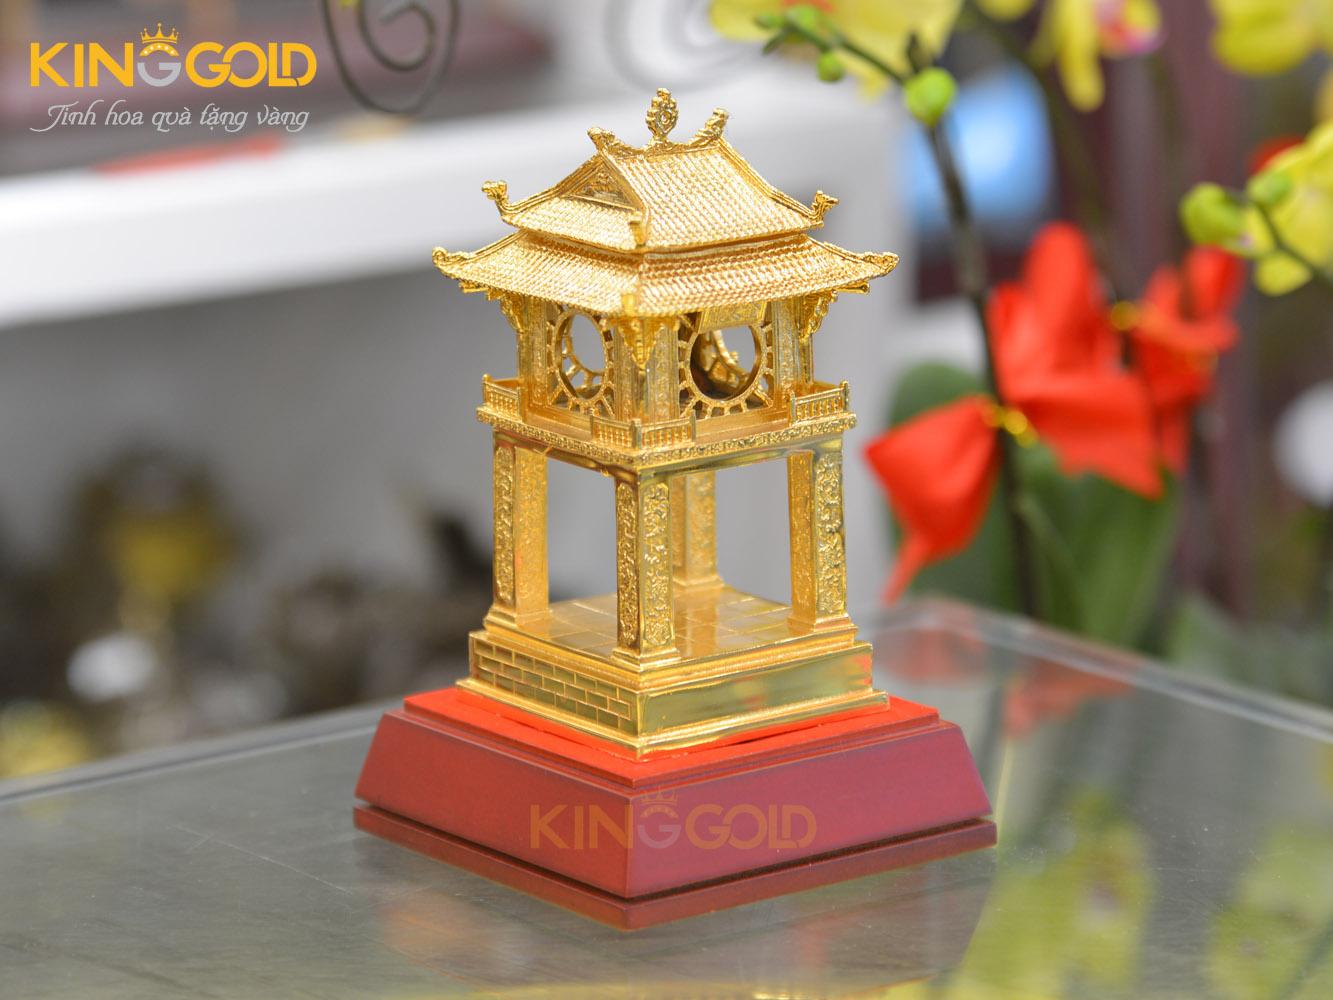 Quà tặng mạ vàng 24k sang trọng và ý nghĩa